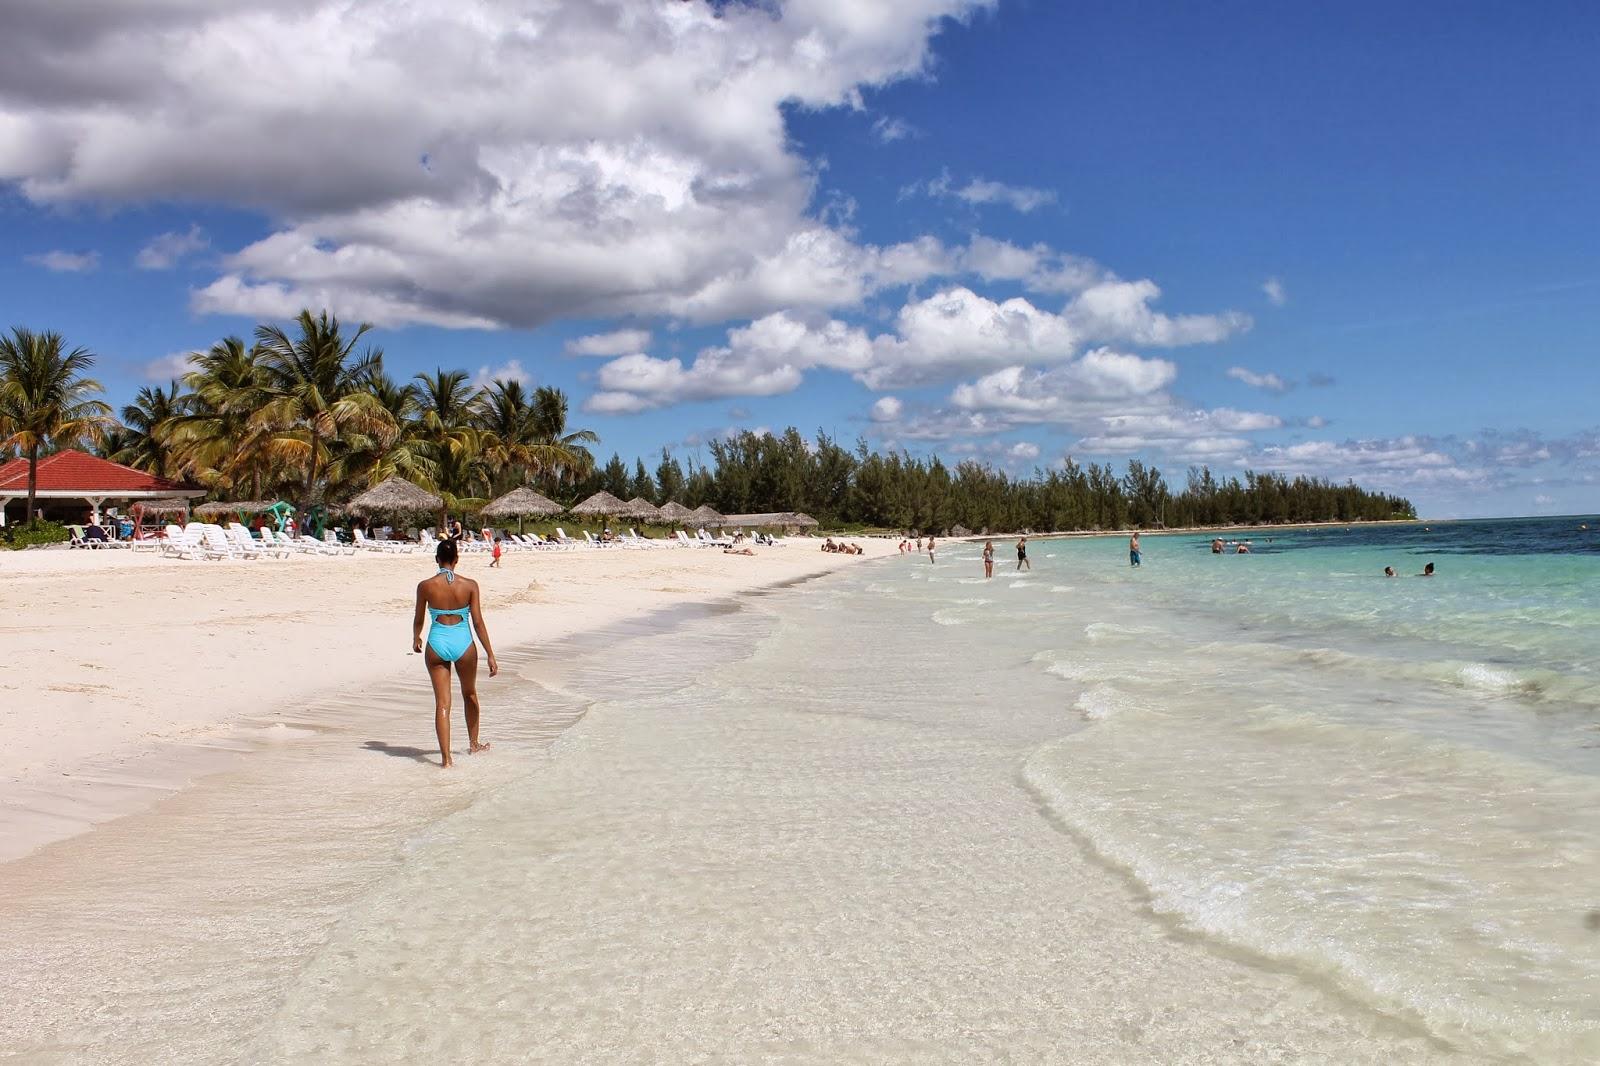 Bahamas Beach Jet Ski Day